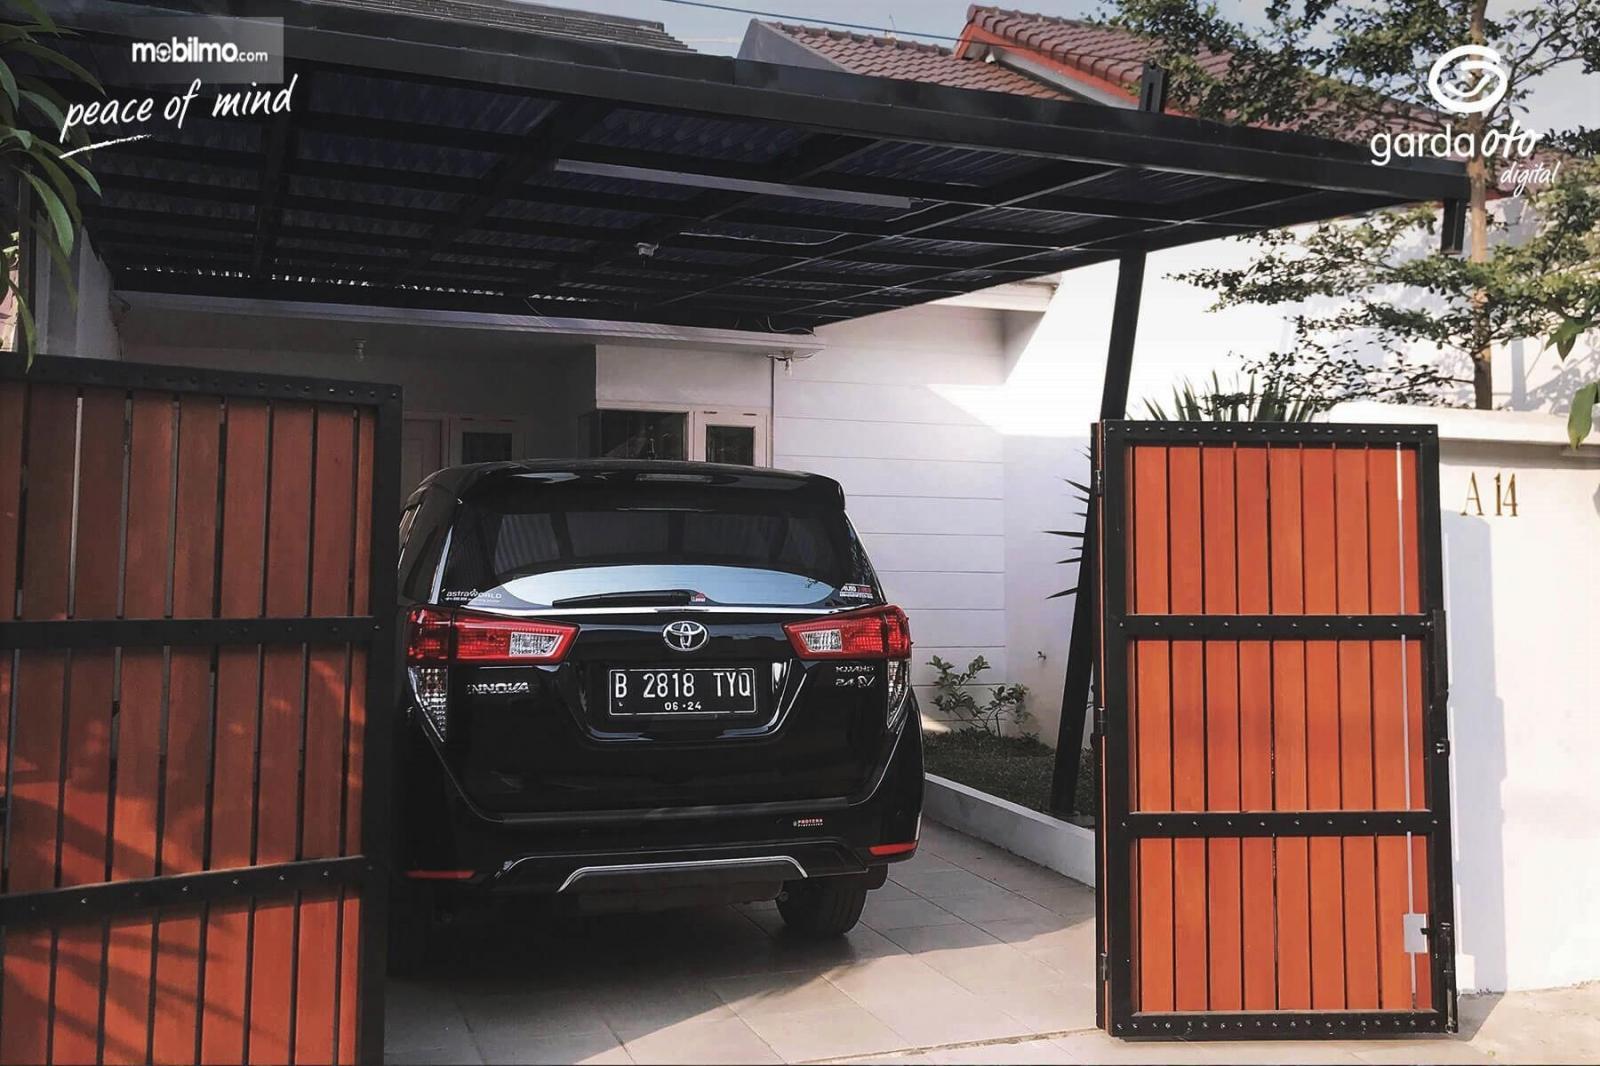 Foto menunjukkan mobil Toyota Innova diparkir di garasi rumah